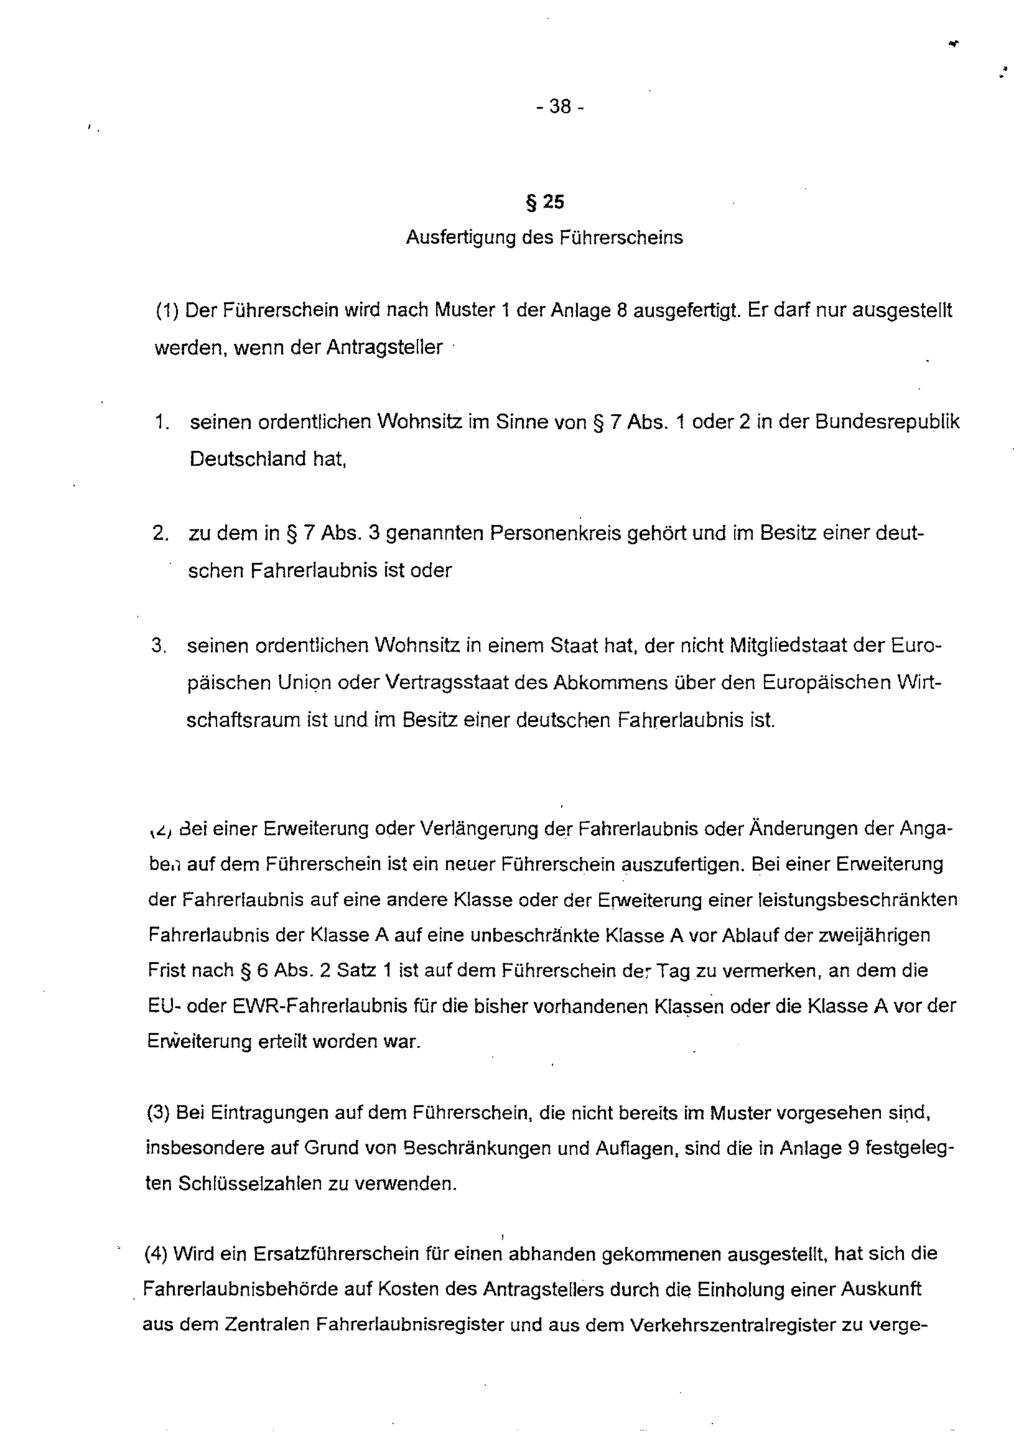 Verordnung Uber Die Zulassung Von Personen Zum Strassenverkehr Und Zur Anderung Strassenverkehrsrechtlicher Vorschriften Pdf Kostenfreier Download